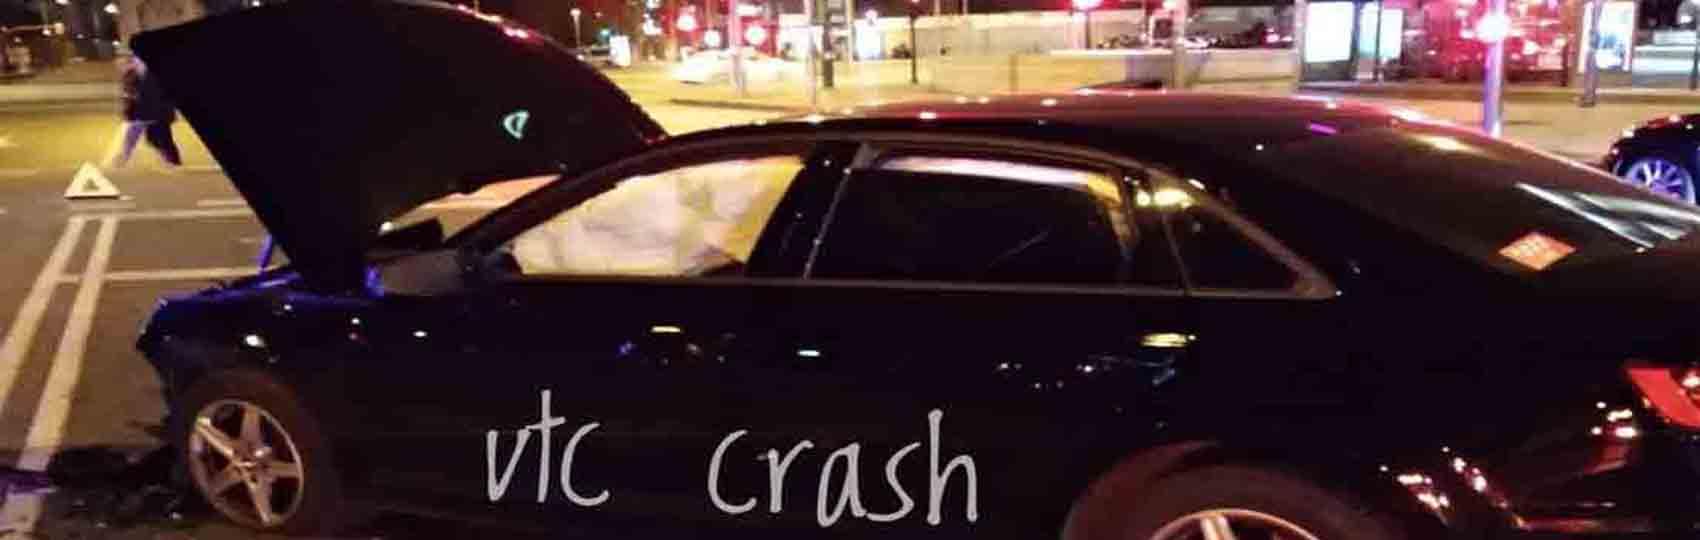 Conoce todas las irregularidades que comete Cabify en las ciudades. Todas las noticias de cabify en Todo Taxi.